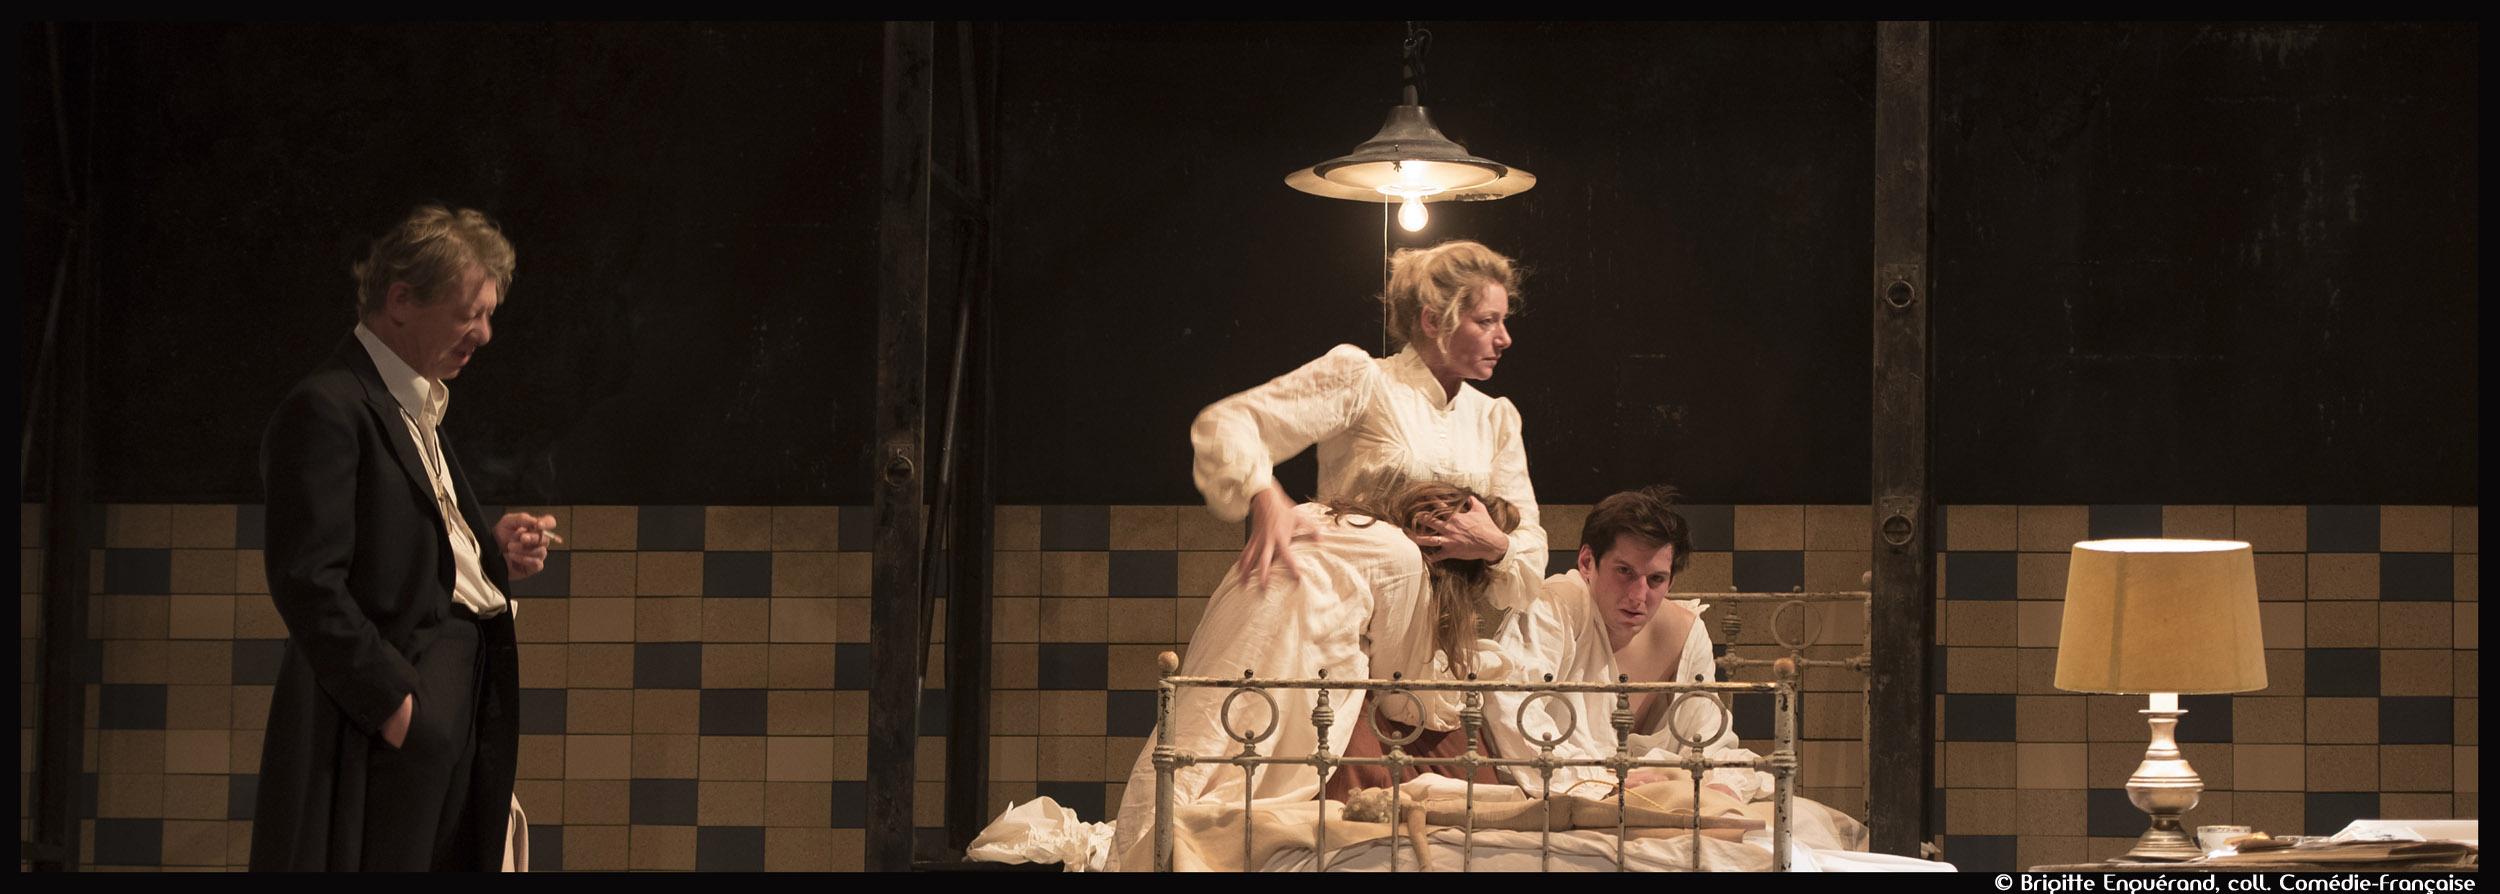 Fanny et Alexandre de Bergman - Mise en scène de Julie Deliquet - Comedie-Francaise - Salle Richelieu© Brigitte Enguérand, Coll. Comédie-Française